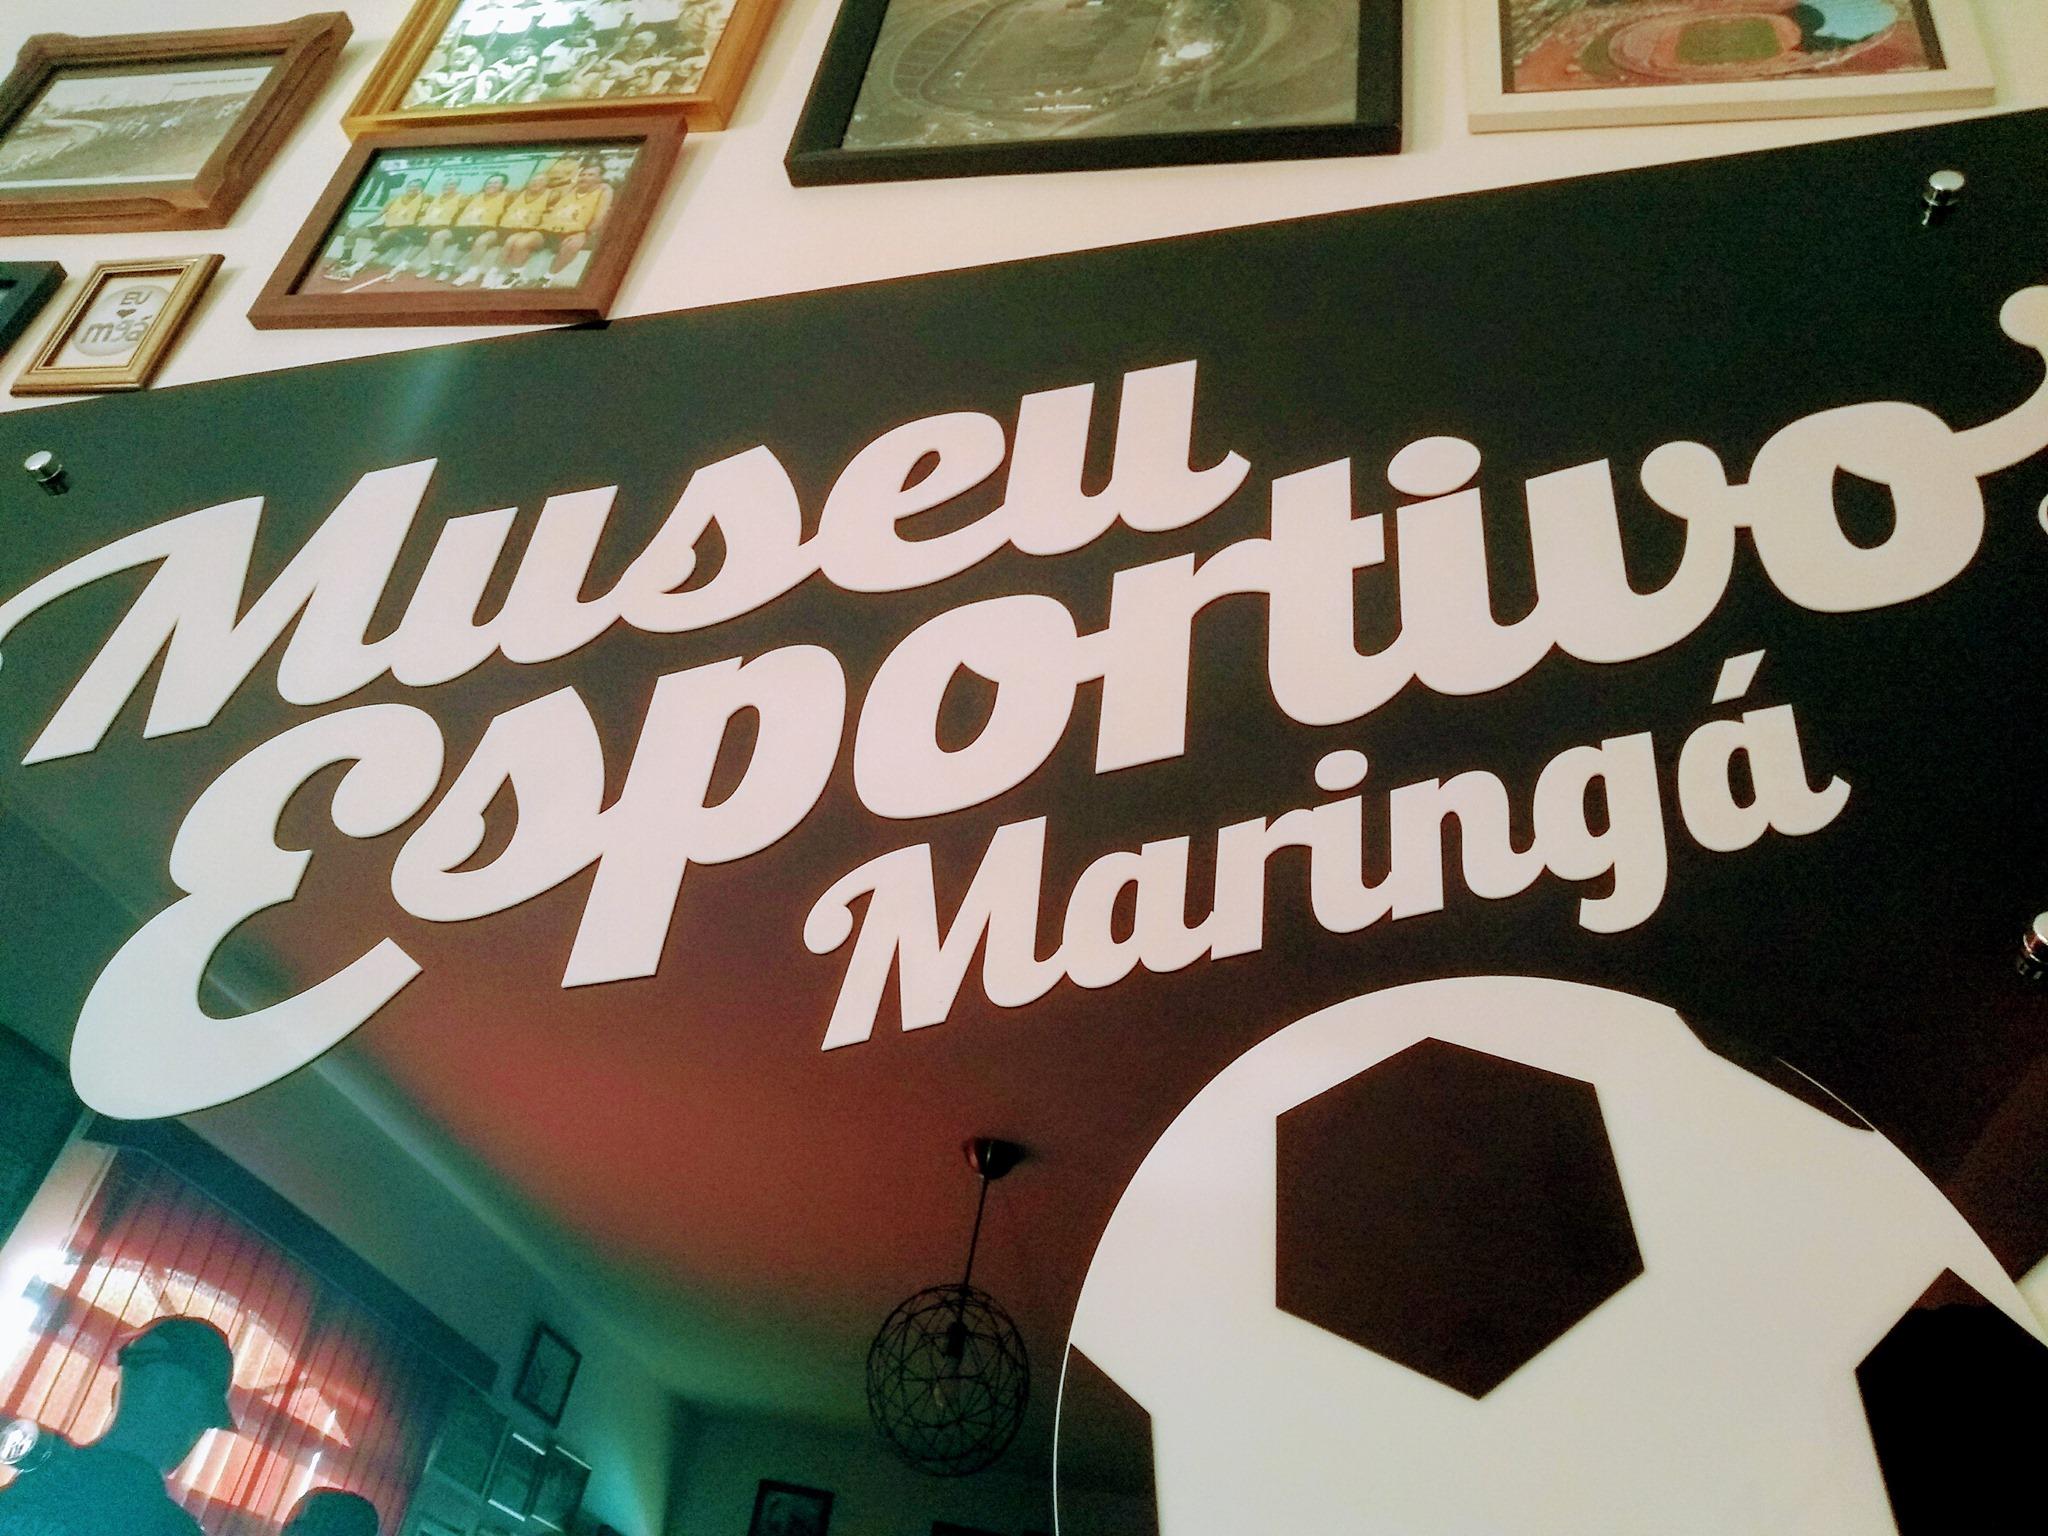 Dia 18 de maio - Dia Internacional dos Museus. Parabéns a todos os amigos que fortalecem e dão representatividade ao Museu Esportivo de Maringá.